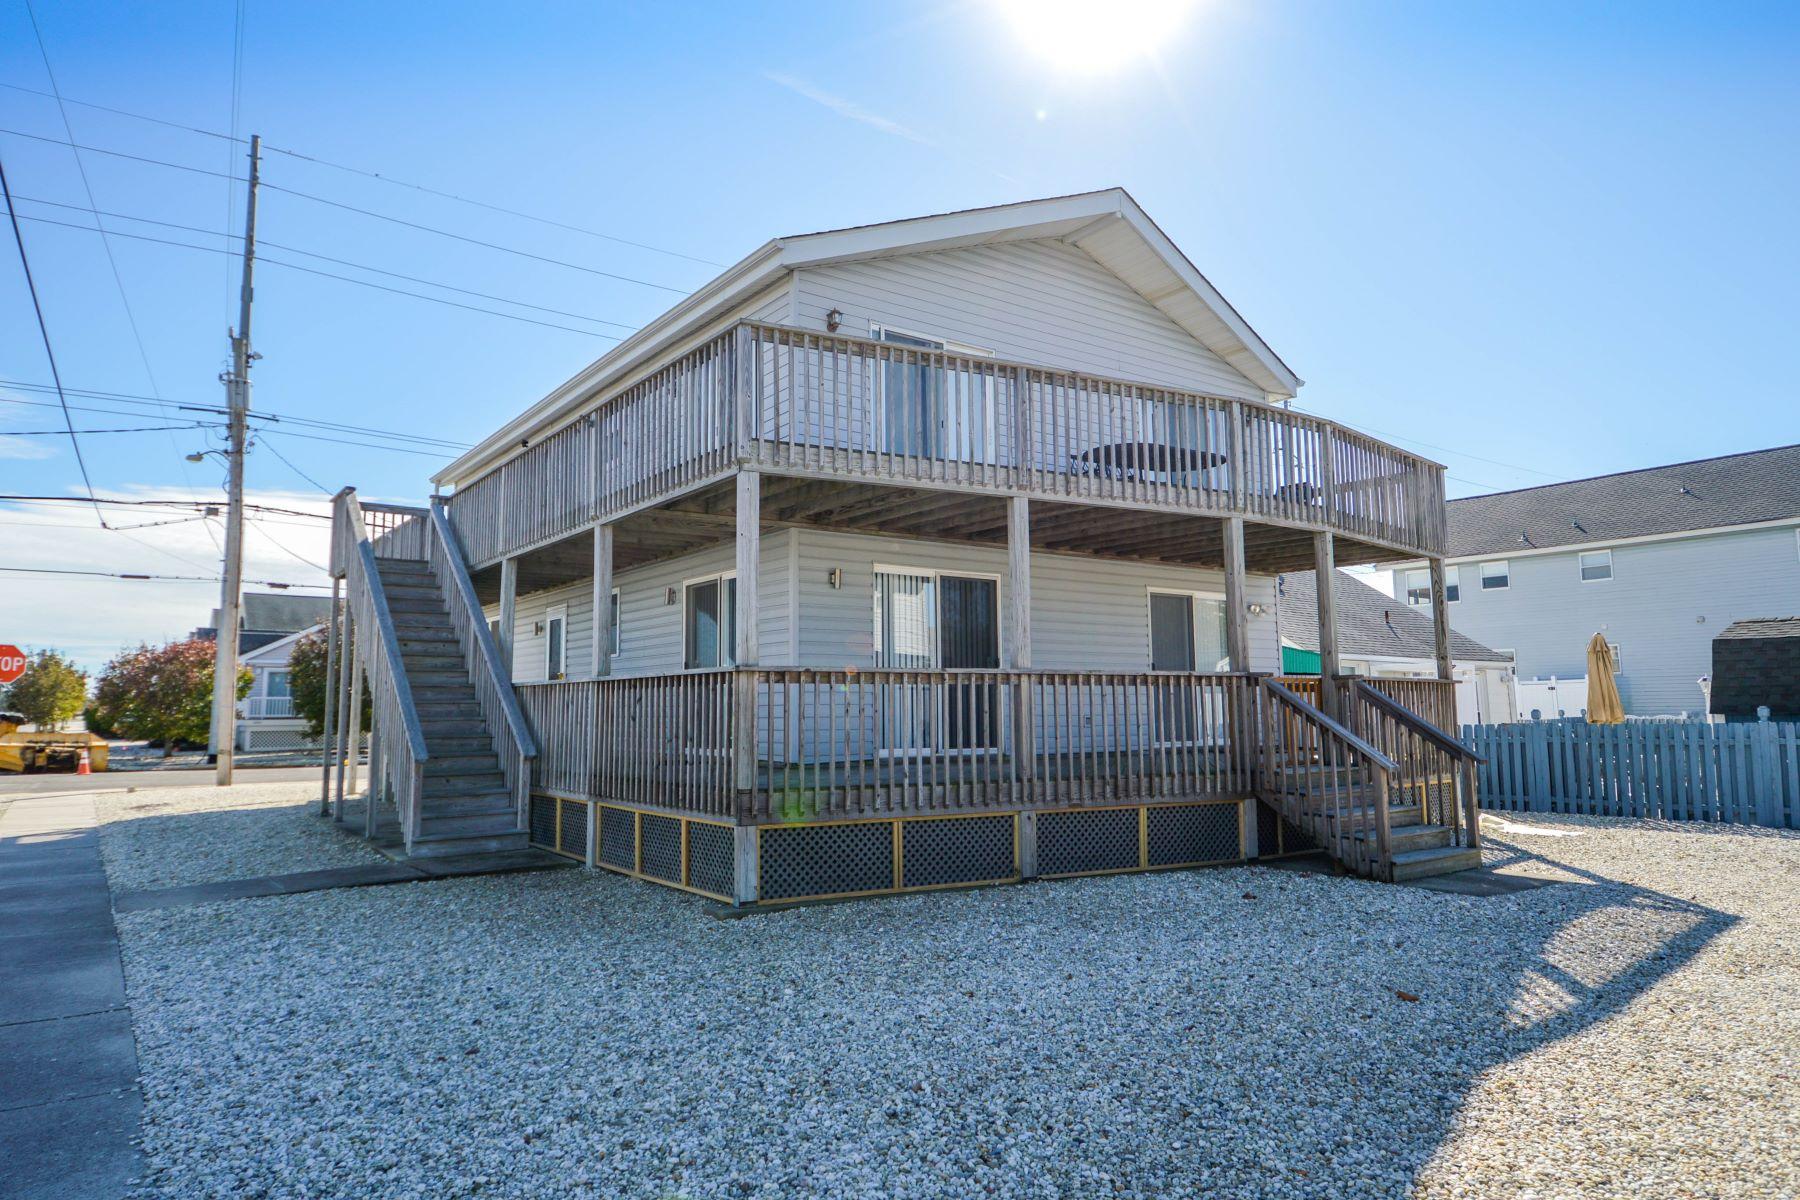 타운하우스 용 매매 에 Ocean Drive Corner Duplex 4028 Ocean Drive 2nd Floor, Avalon, 뉴저지 08202 미국